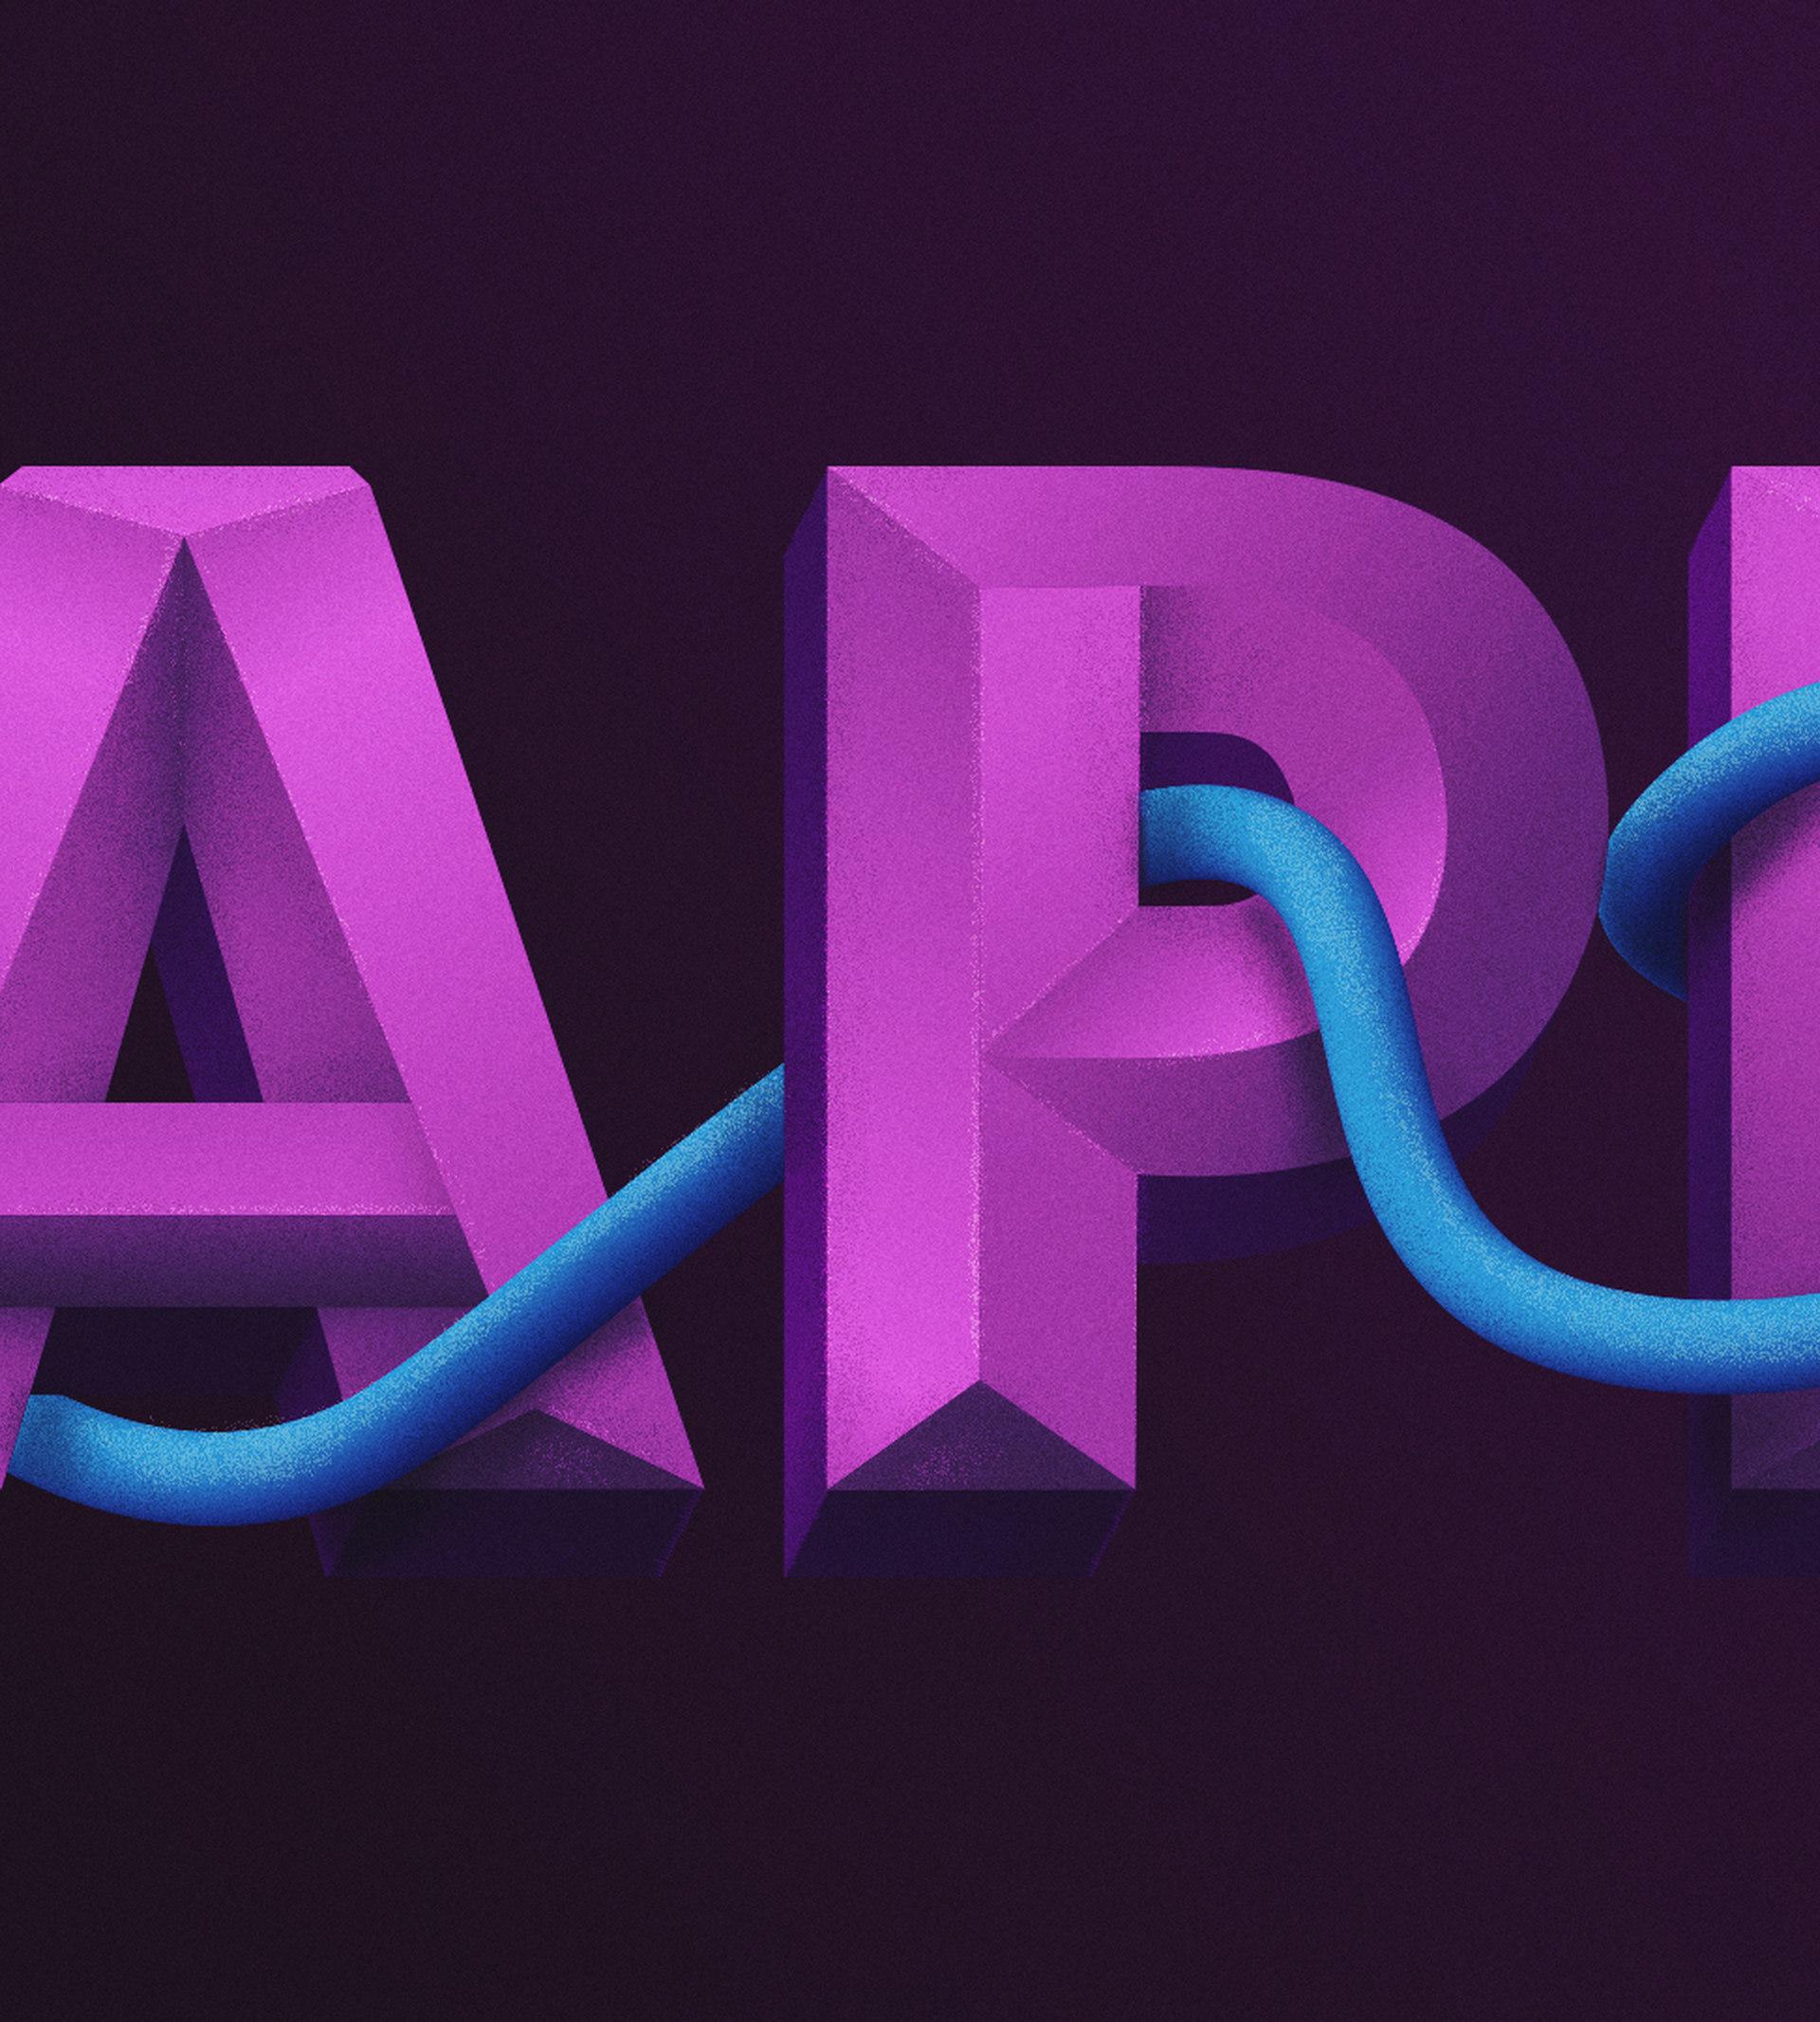 BLOGG ── VAD ÄR ETT API?